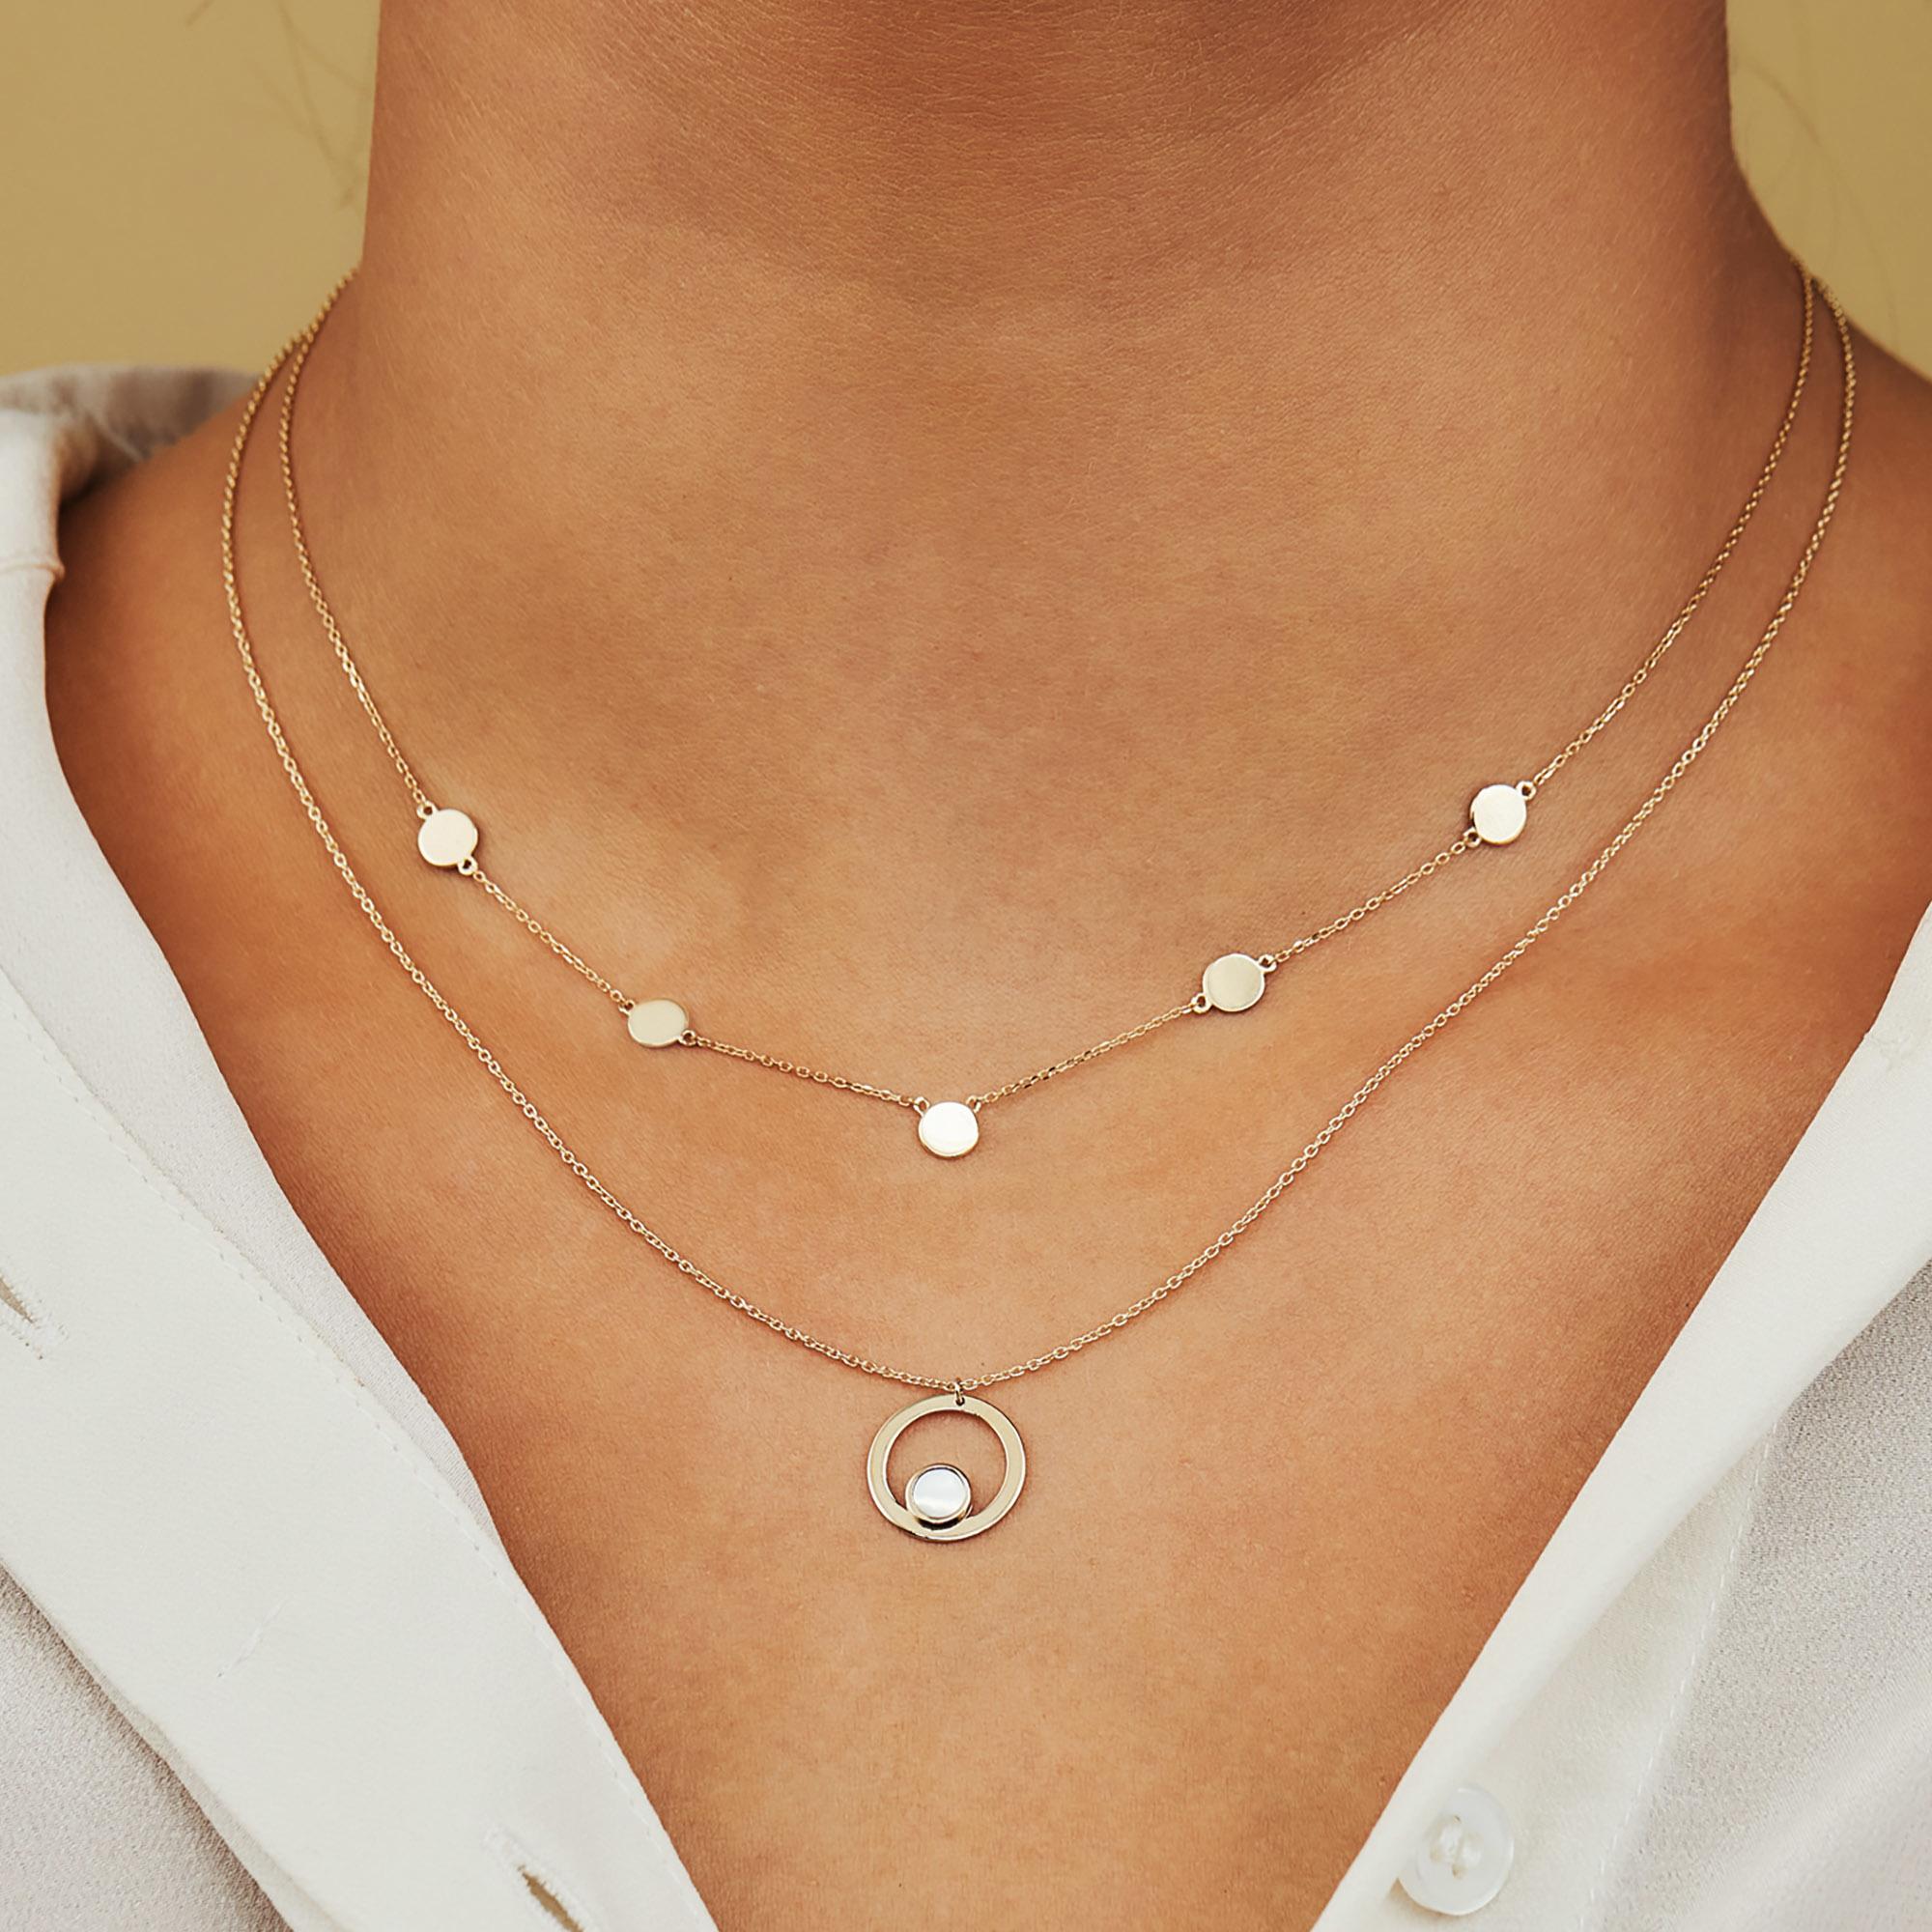 Isabel Bernard Belleville Luna collier en or 14 carats